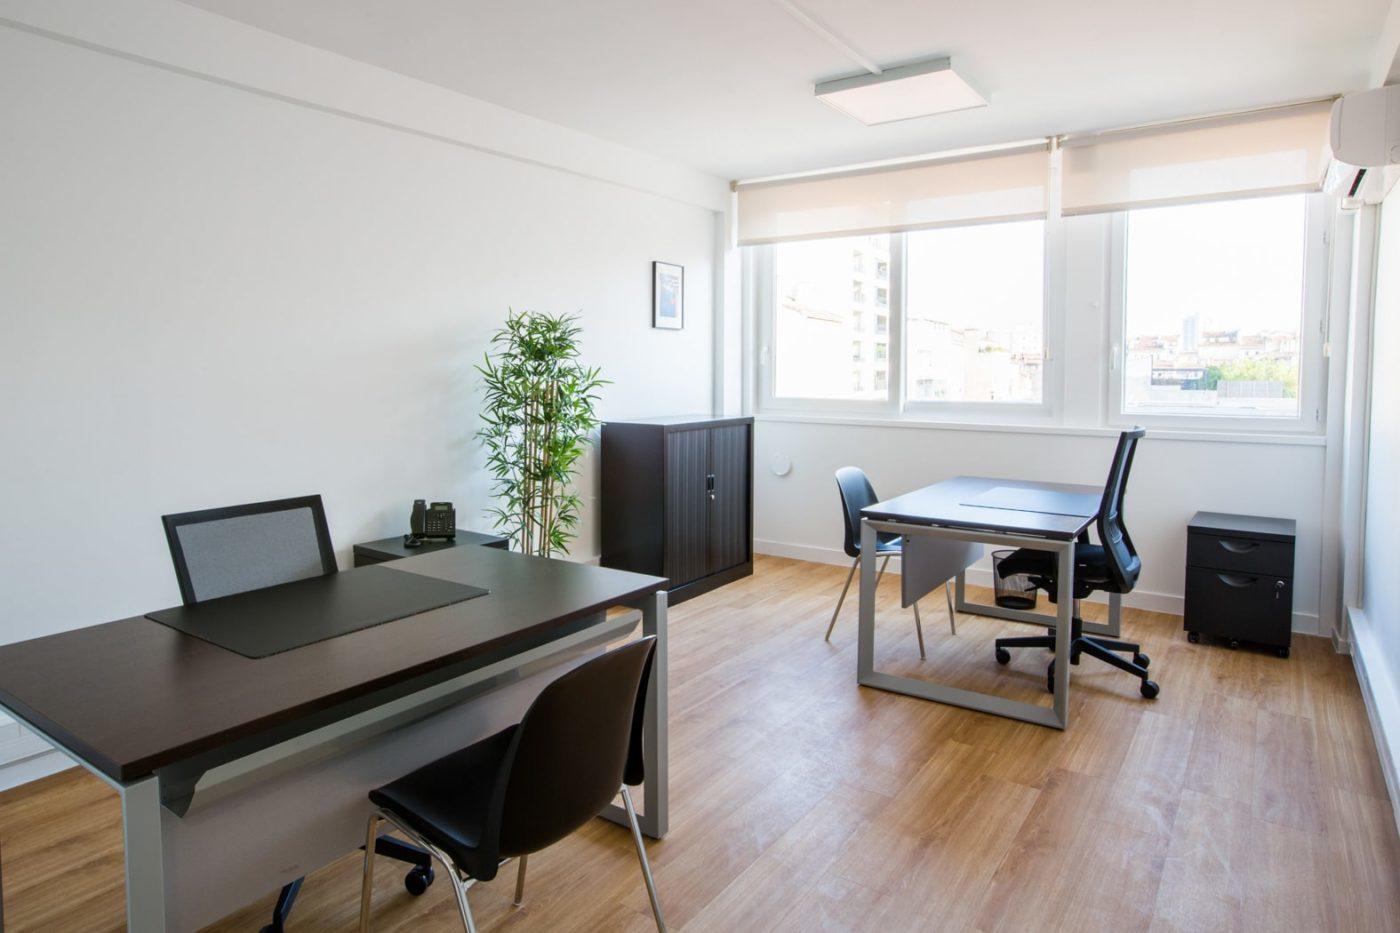 Location-Bureau-Marseille-13006-13008